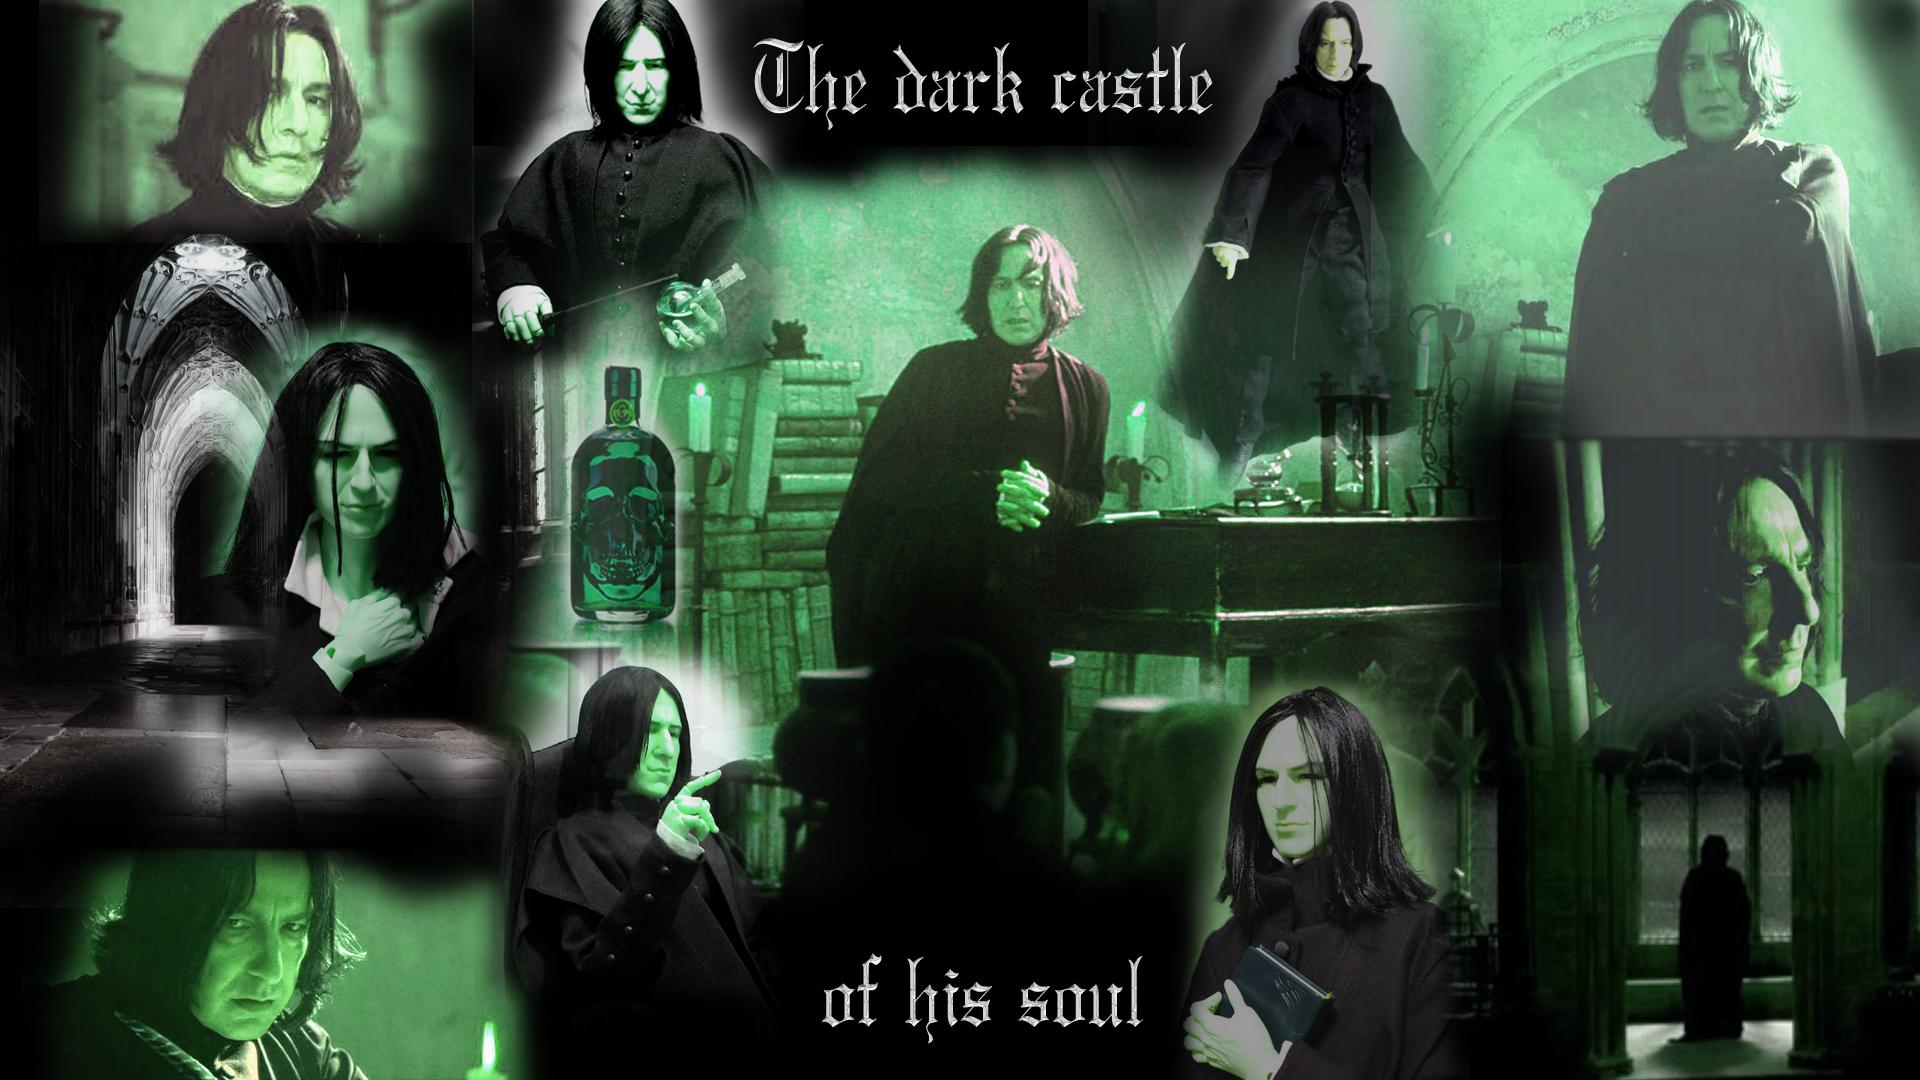 Snape_Wallpaper1920Х1080